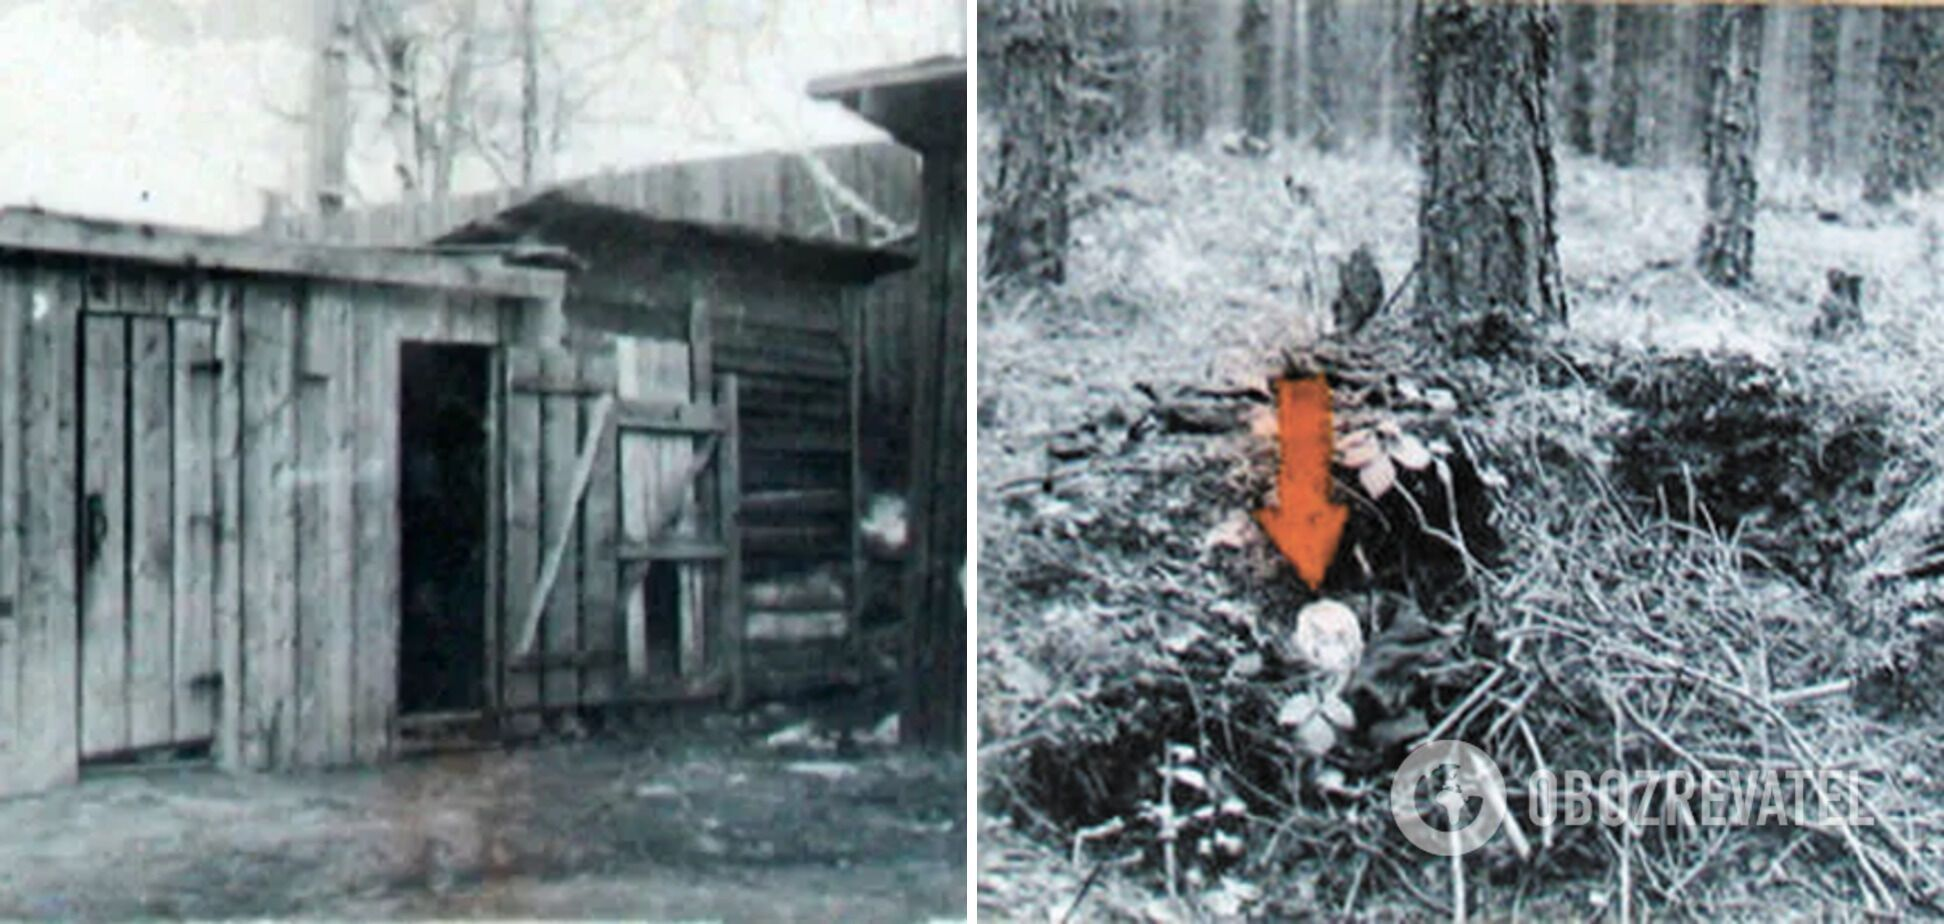 Один из туалетов, в выгребную яму которого убийца бросил свою жертву; других жертв маньяка находили в лесу